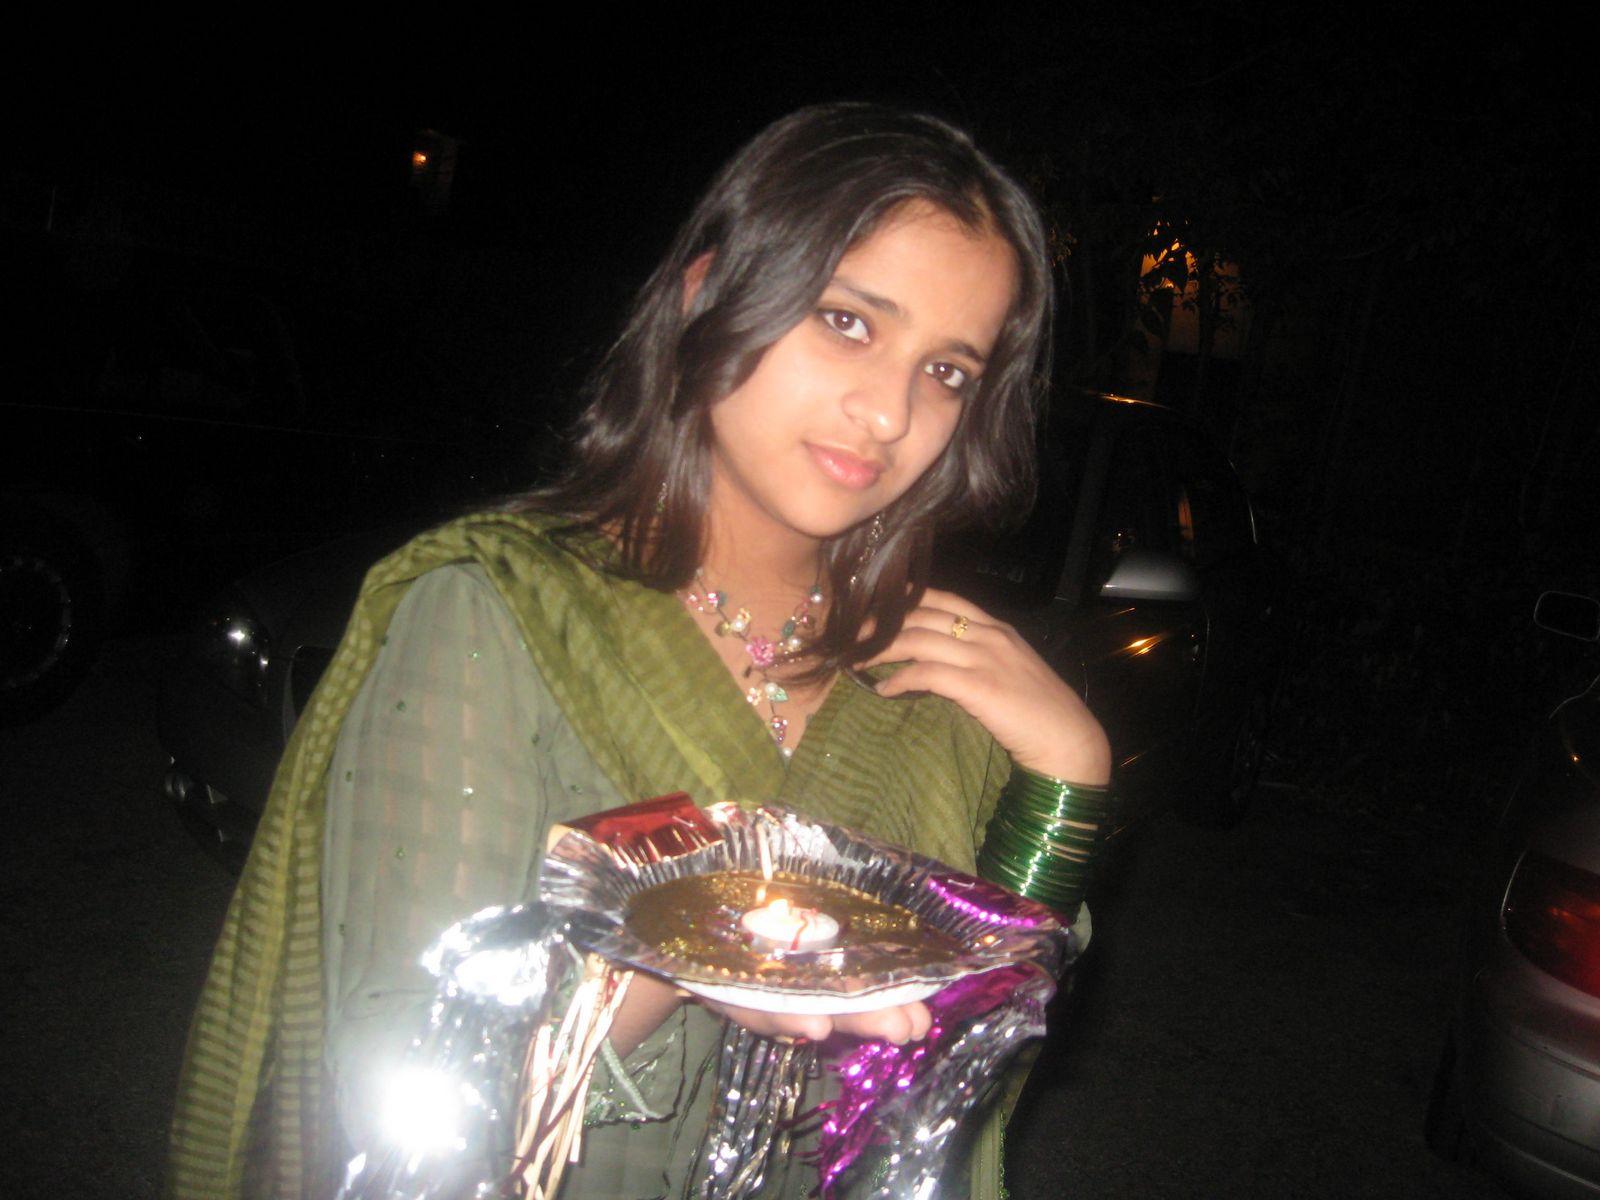 http://4.bp.blogspot.com/-9ATX6X27uqo/TgOpkal6BoI/AAAAAAAAAeU/t7vpIr8ySX0/s1600/Pakistani%20Girls%20Wallpapers-16.jpg